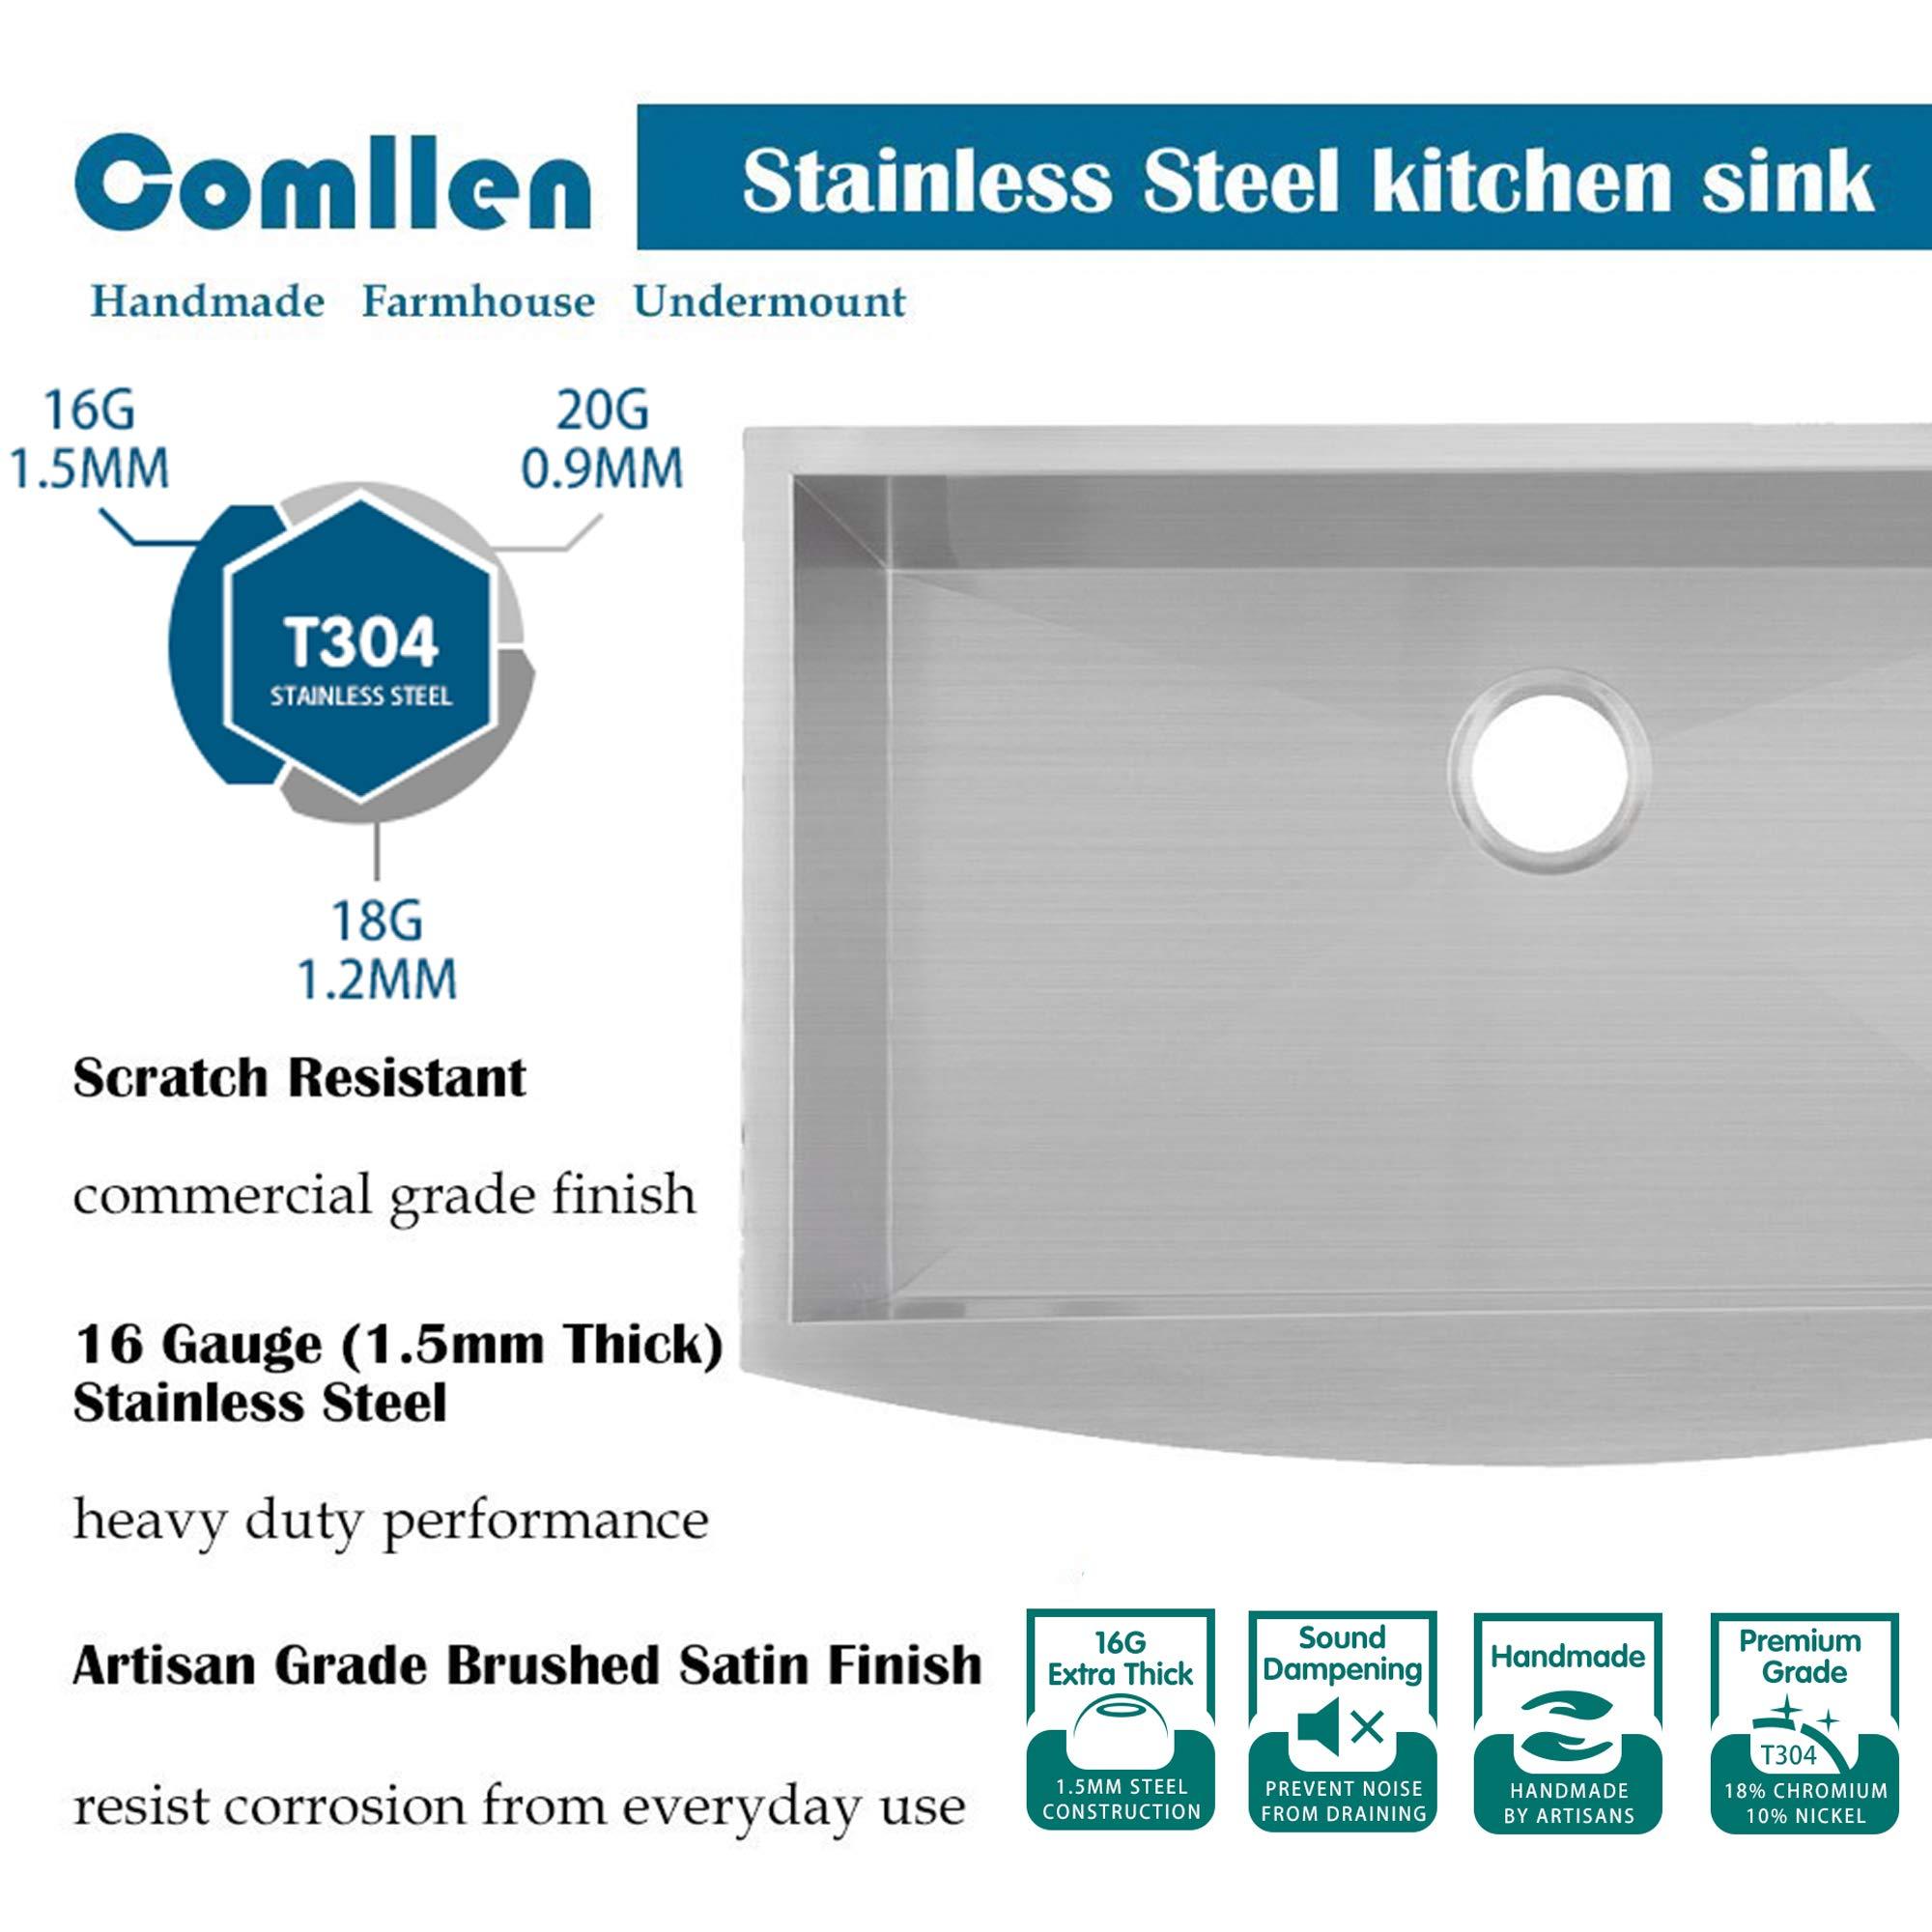 Comllen 33 Inch 304 Stainless Steel Farmhouse Kitchen Sink, Single Bowl 16 Gauge 10 Inch Deep Handmade Undermount Apron Kitchen Sink by Comllen (Image #3)